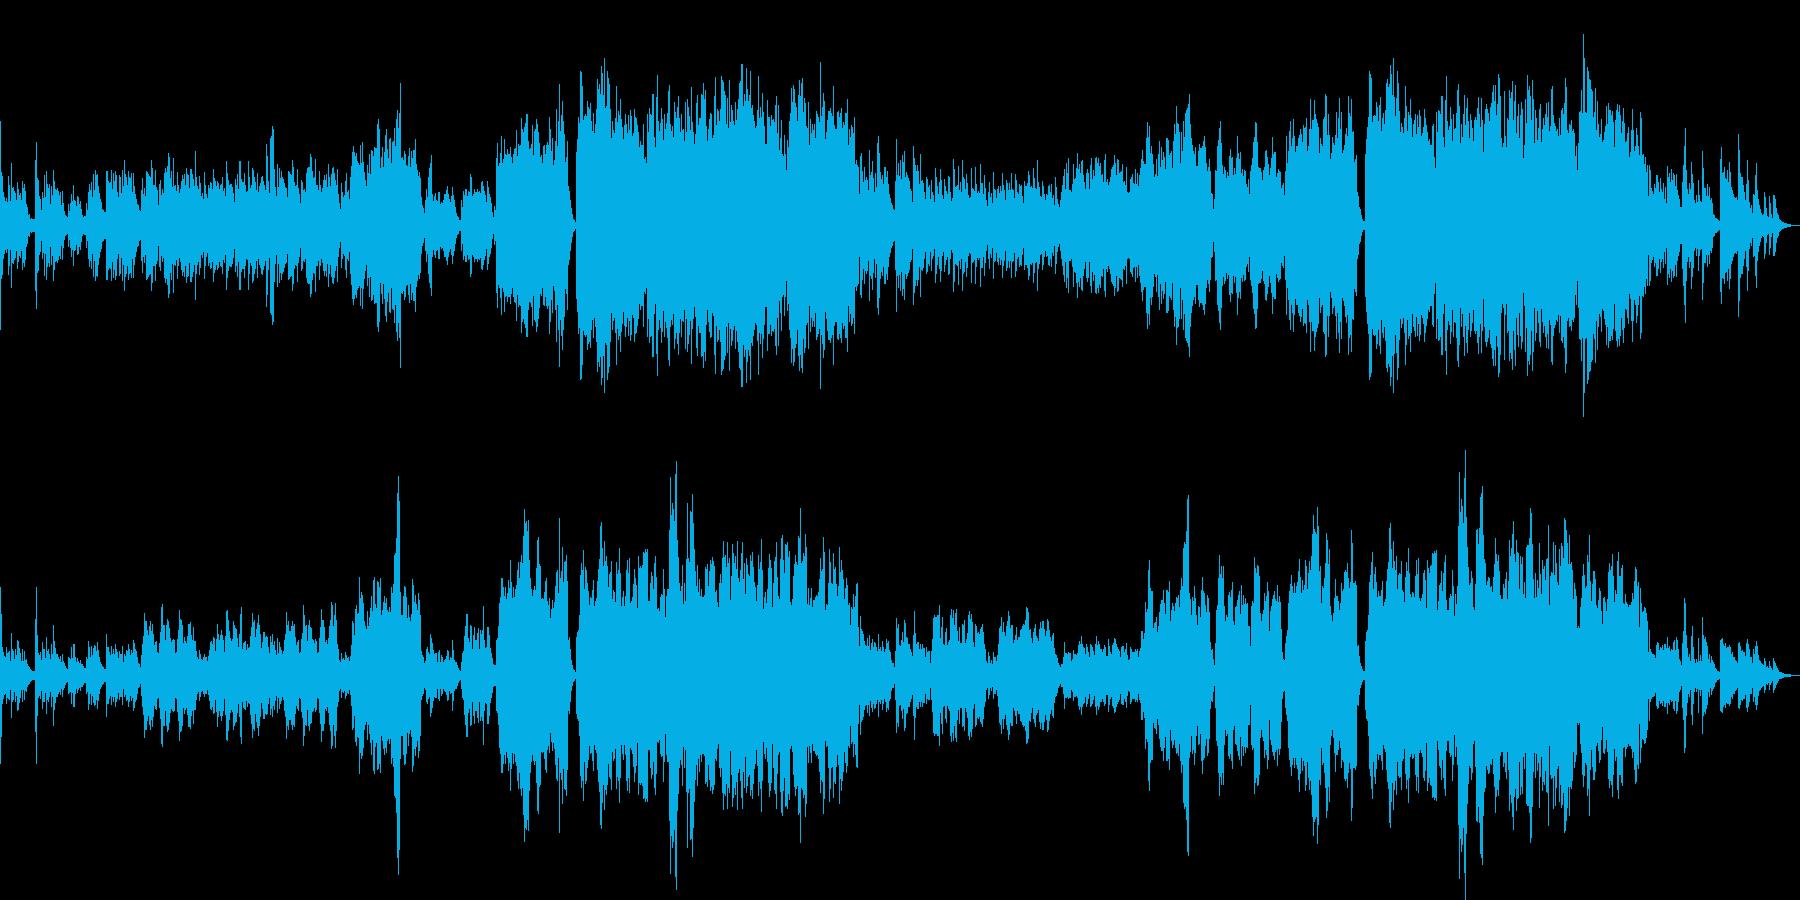 青春の思い出を演出するインスト曲の再生済みの波形